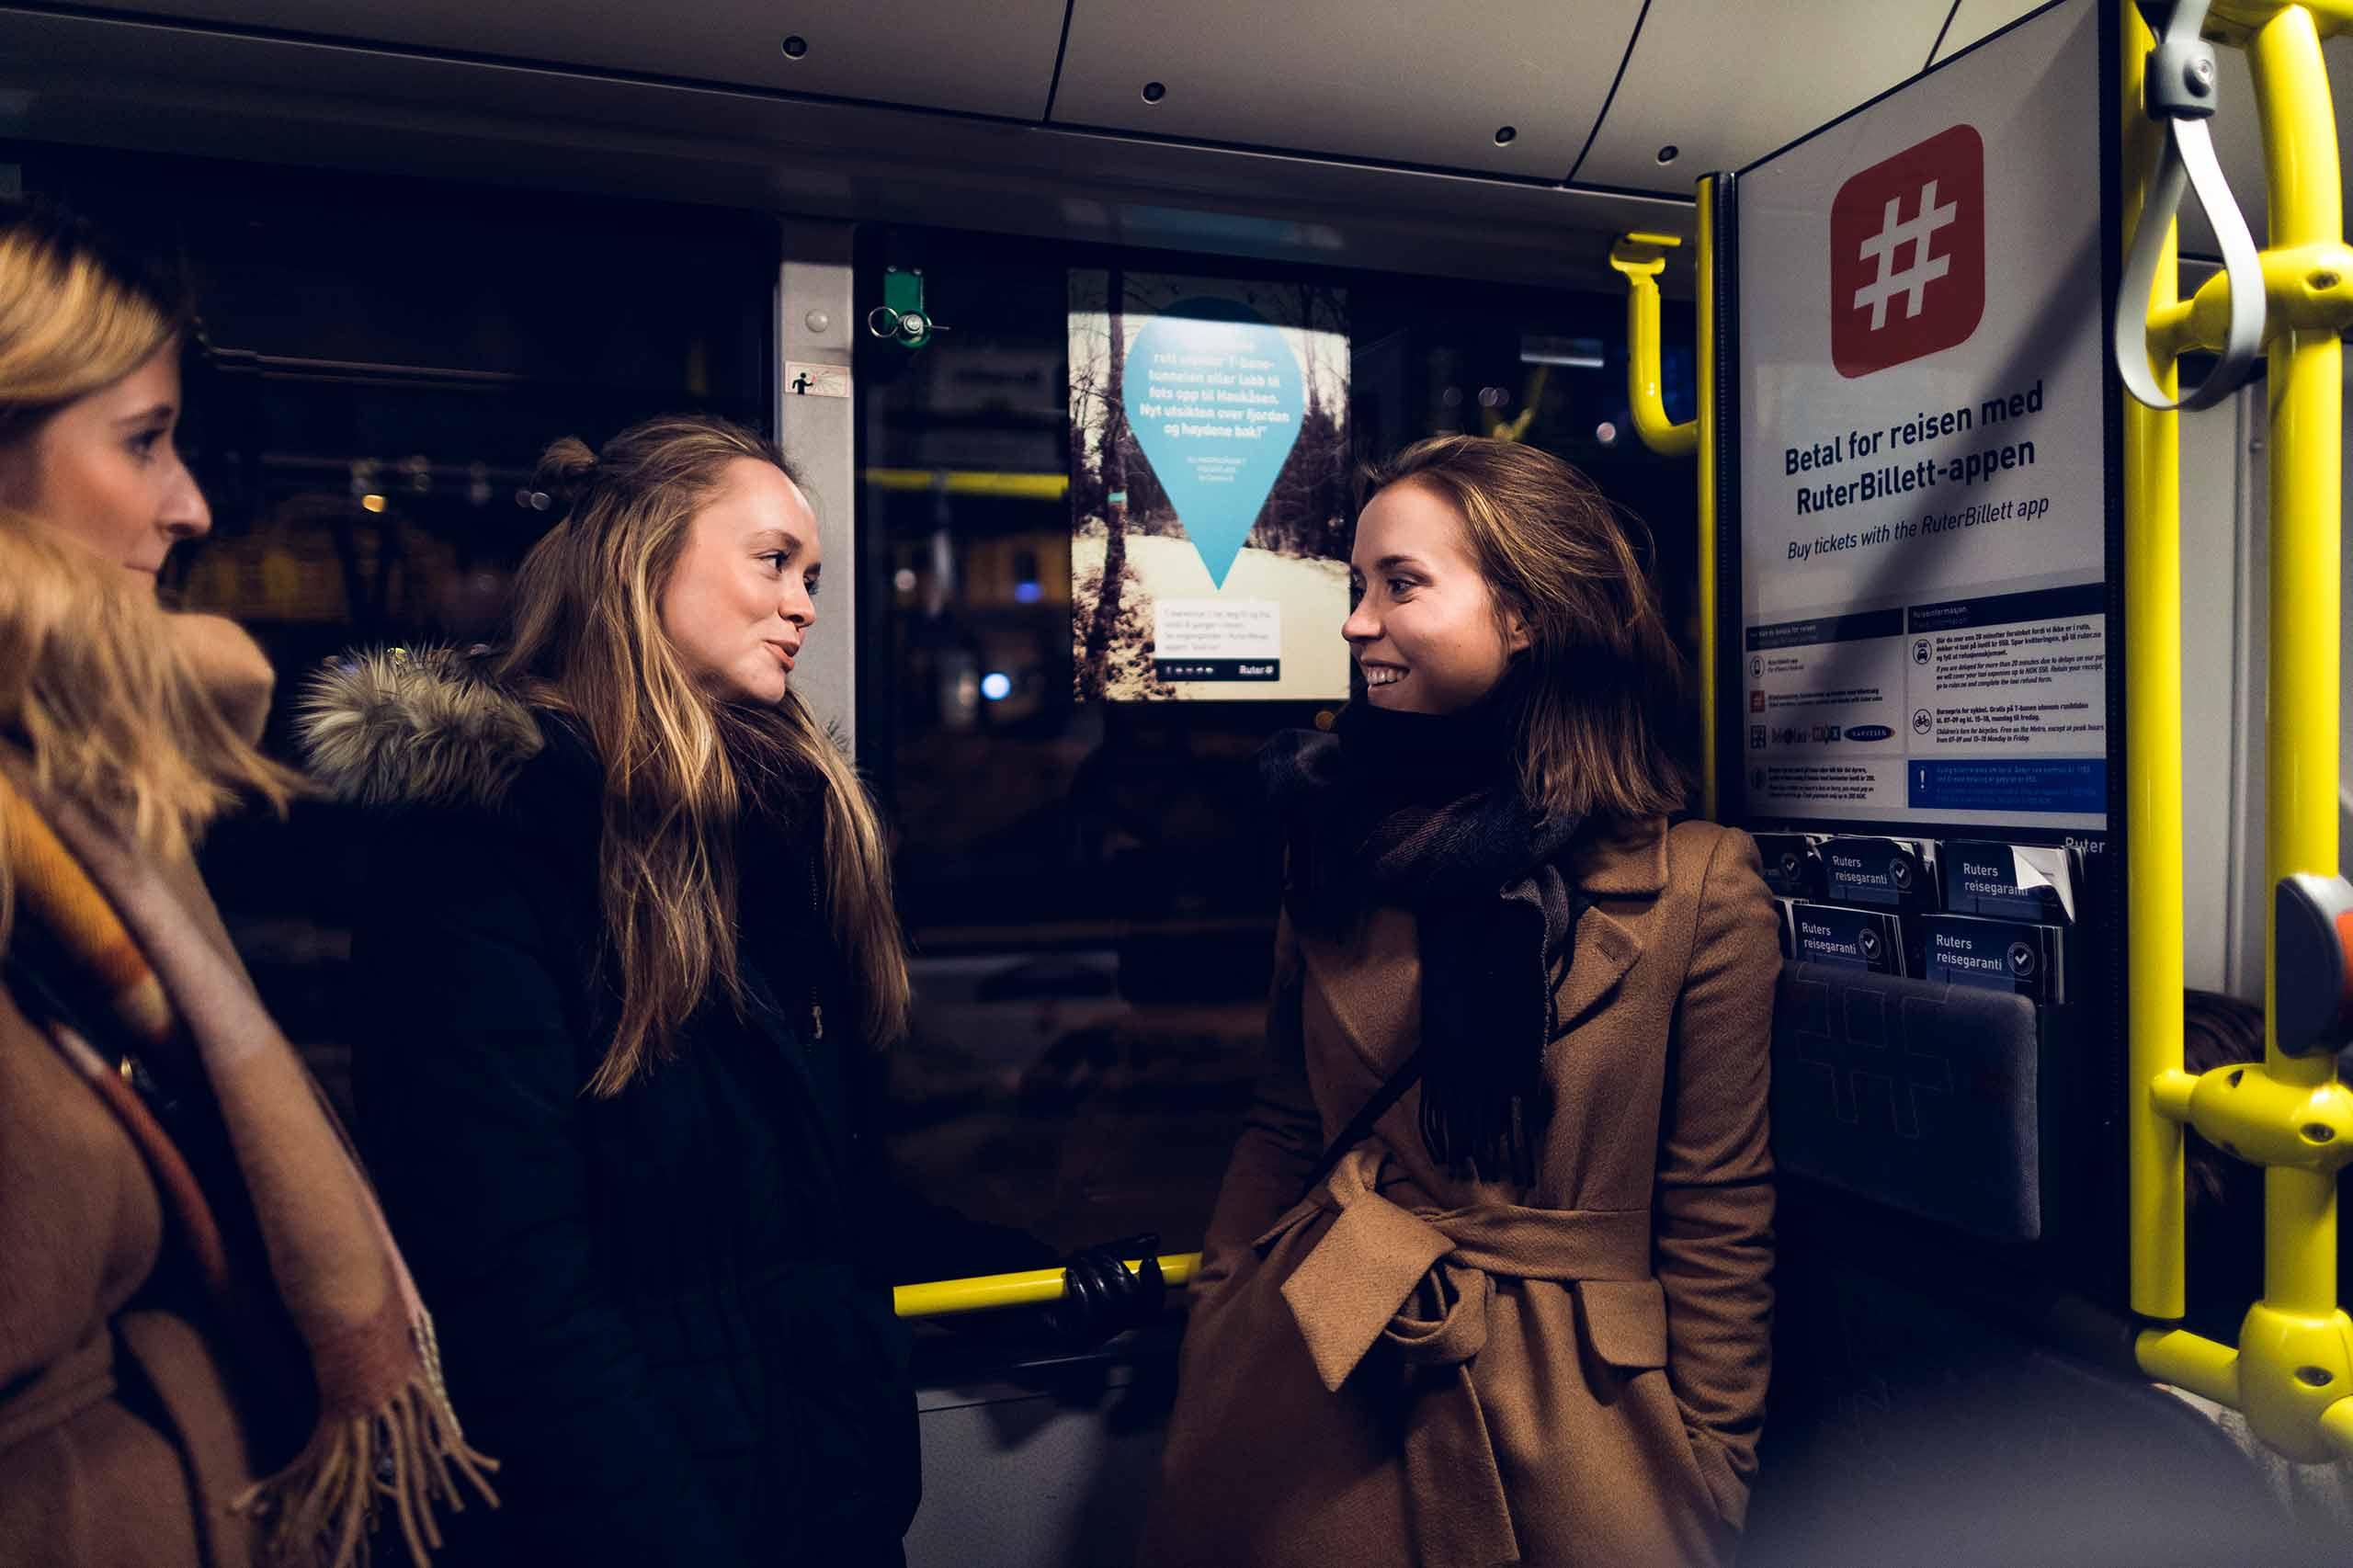 Bilde av passasjerer på buss